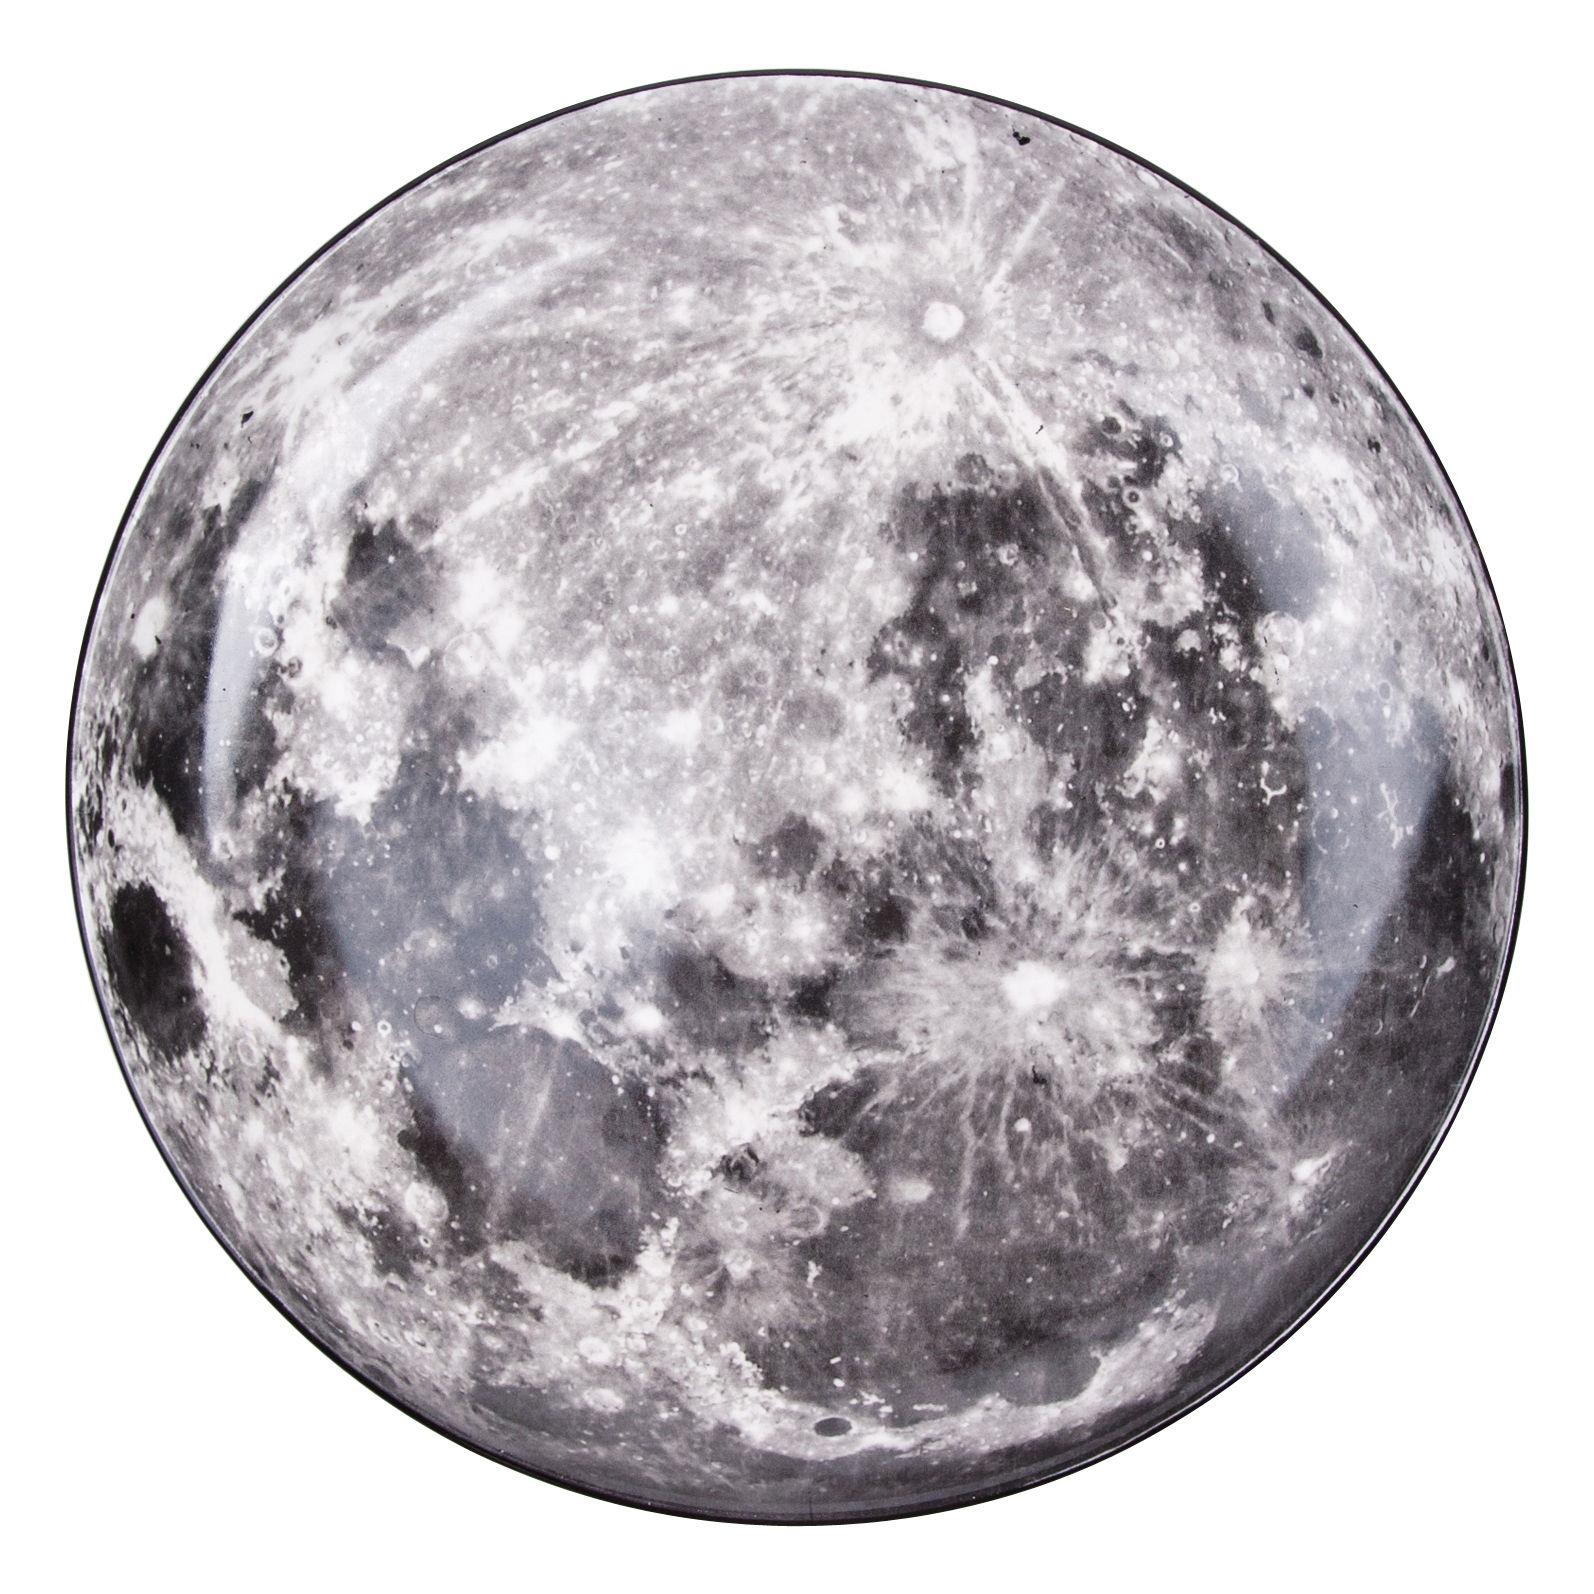 Arts de la table - Assiettes - Plat de présentation Cosmic Diner Lune / Ø 30 cm - Diesel living with Seletti - Lune - Porcelaine